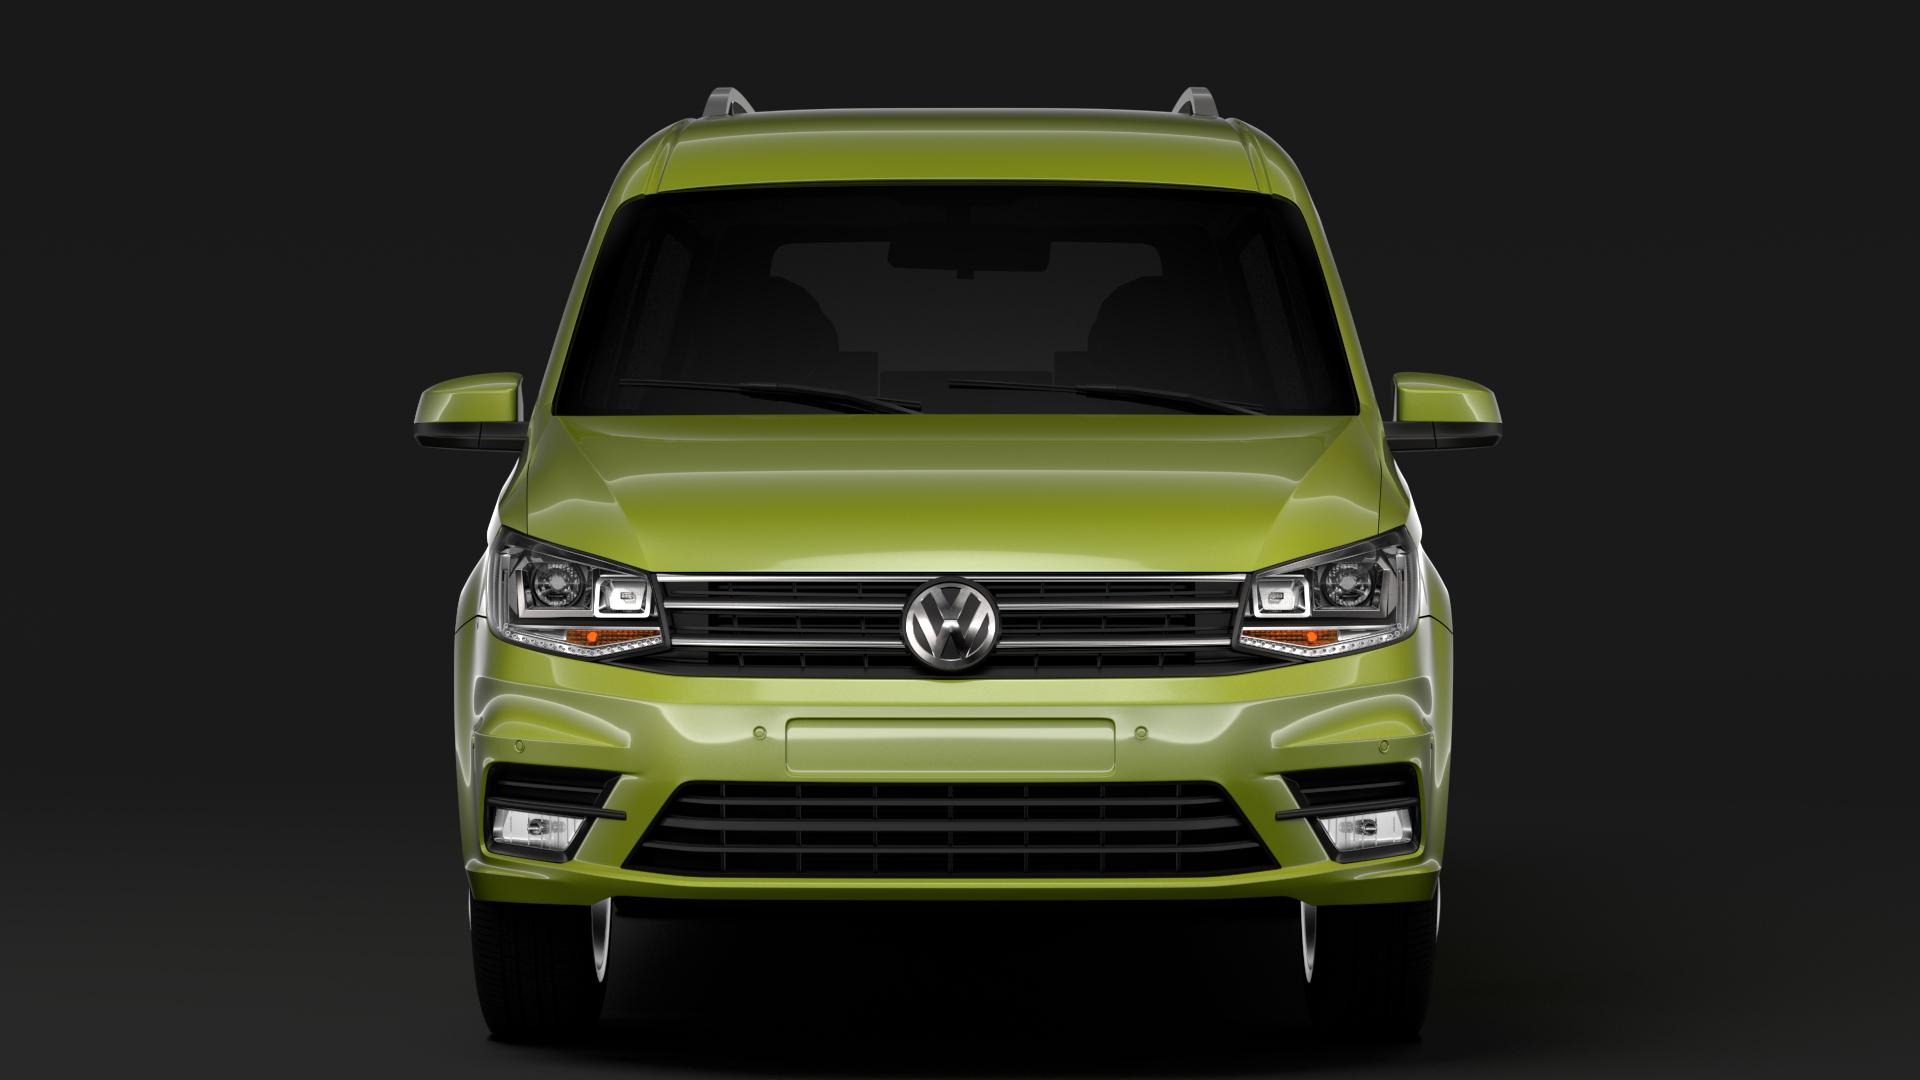 volkswagen caddy maxi 2018 3d model max fbx c4d lwo ma mb hrc xsi obj 283826